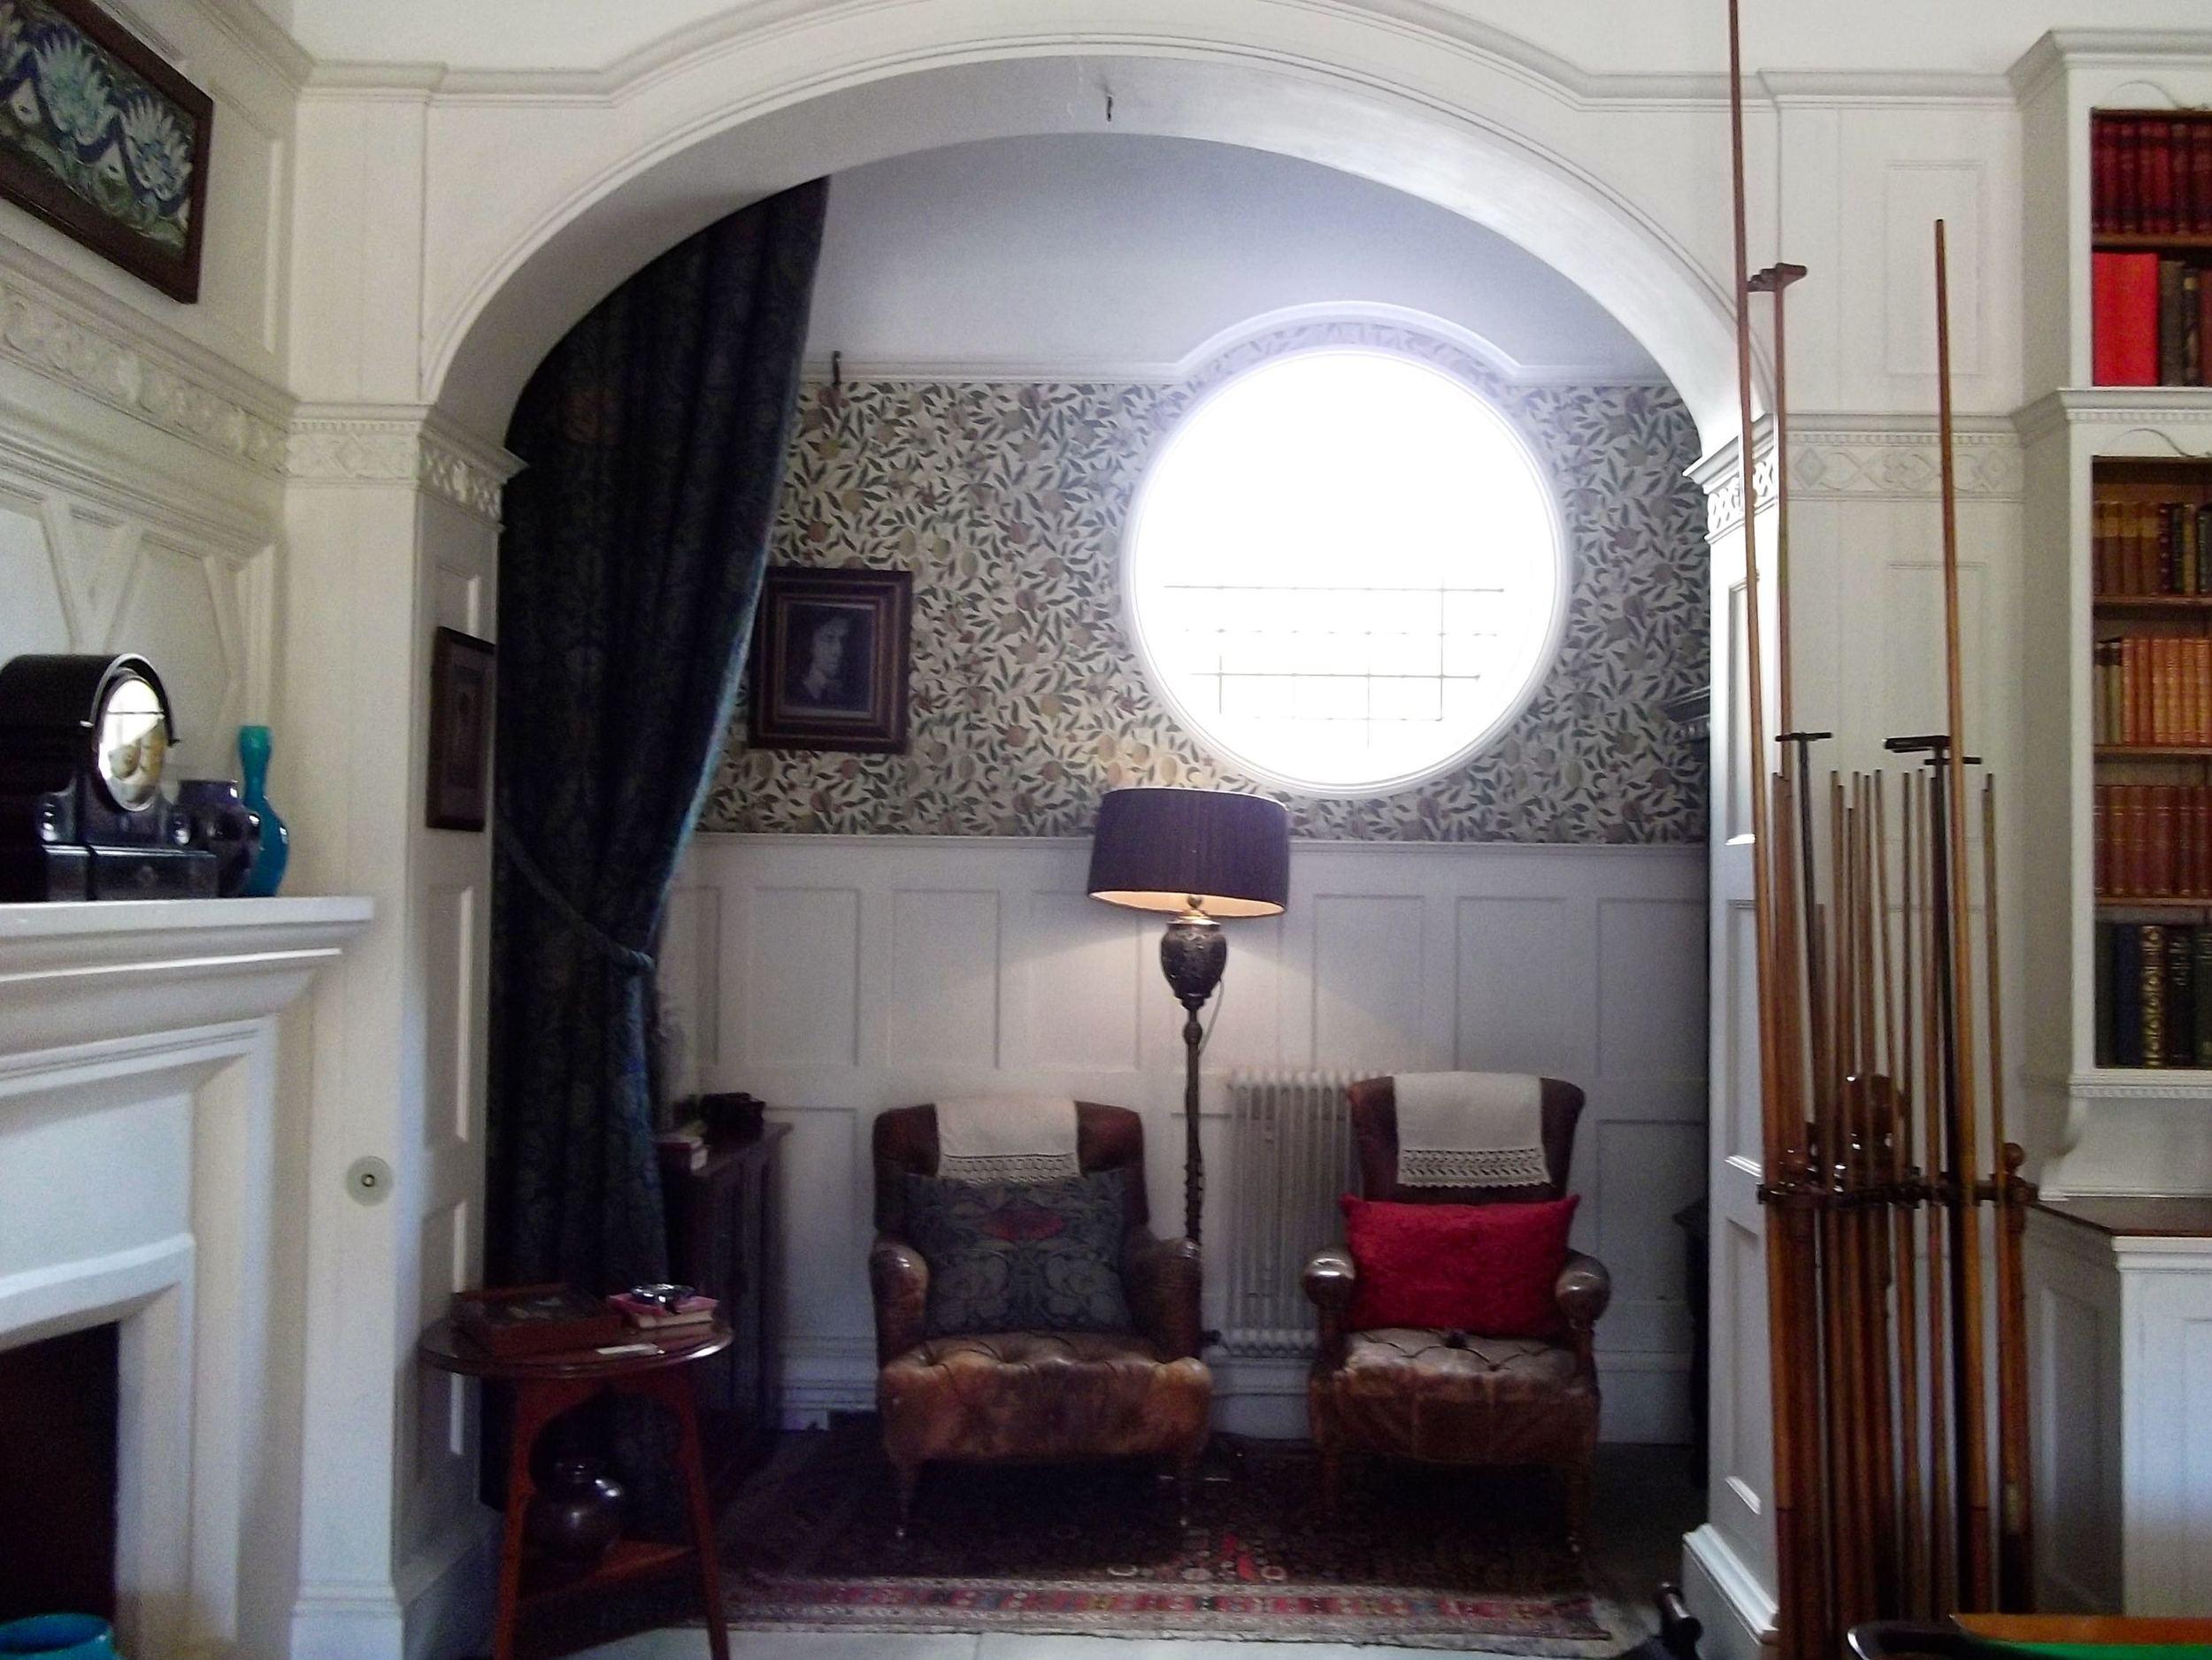 A COSY NOOK IN THE BILLIARD ROOM